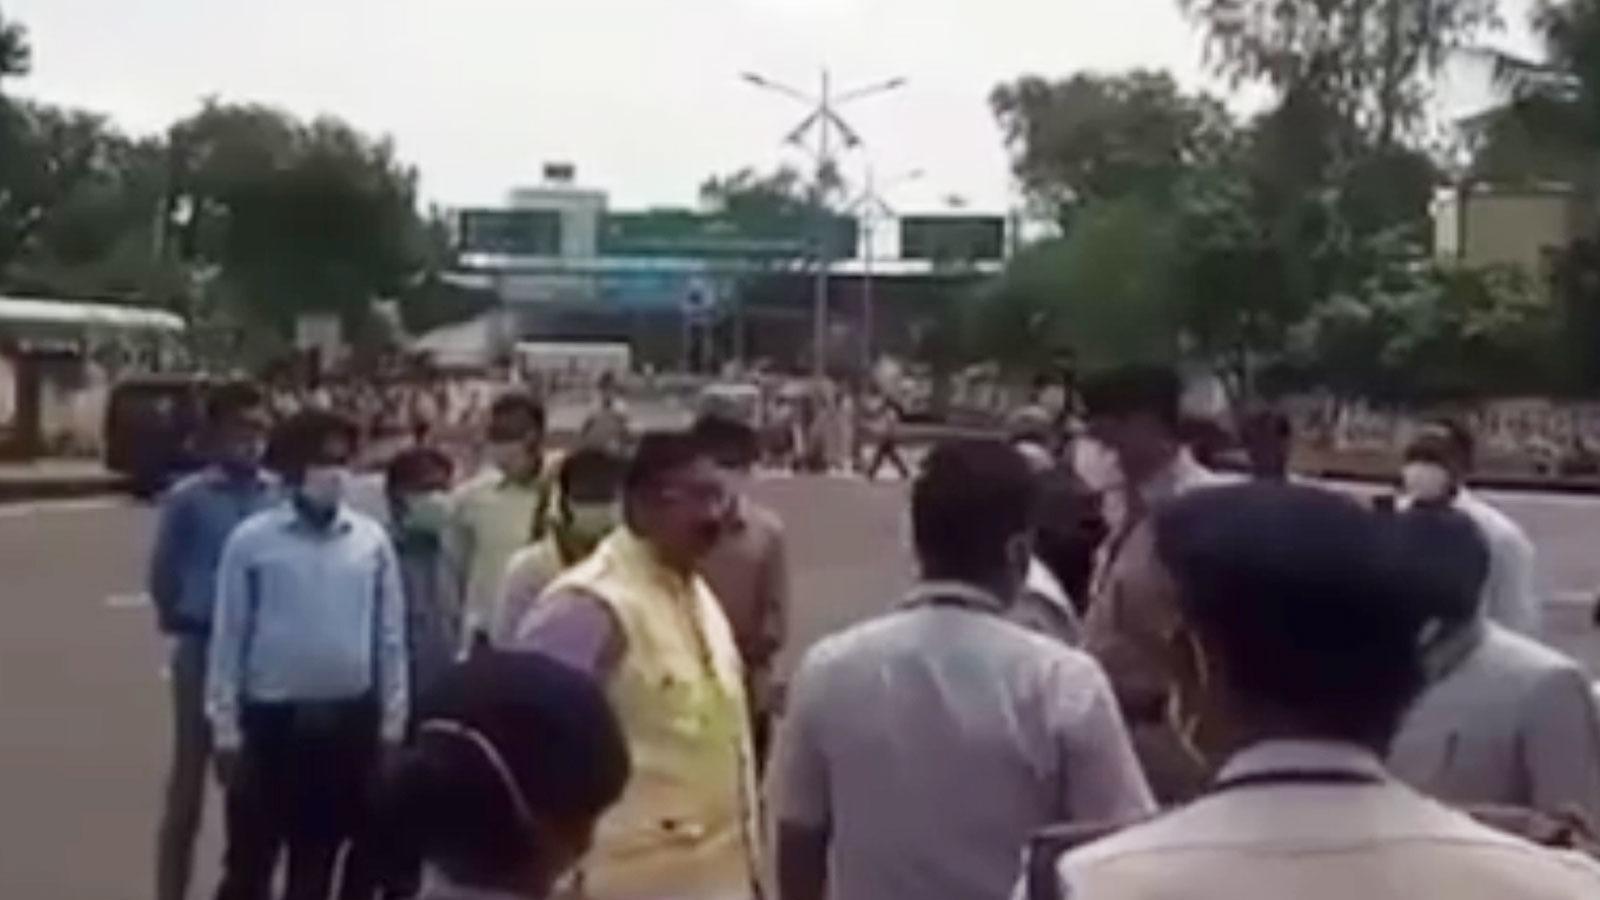 Jabalpur: वन मंत्री विजय शाह को कार्यक्रम स्थल में जाने से रोका, कांग्रेस ने बीजेपी को घेरा